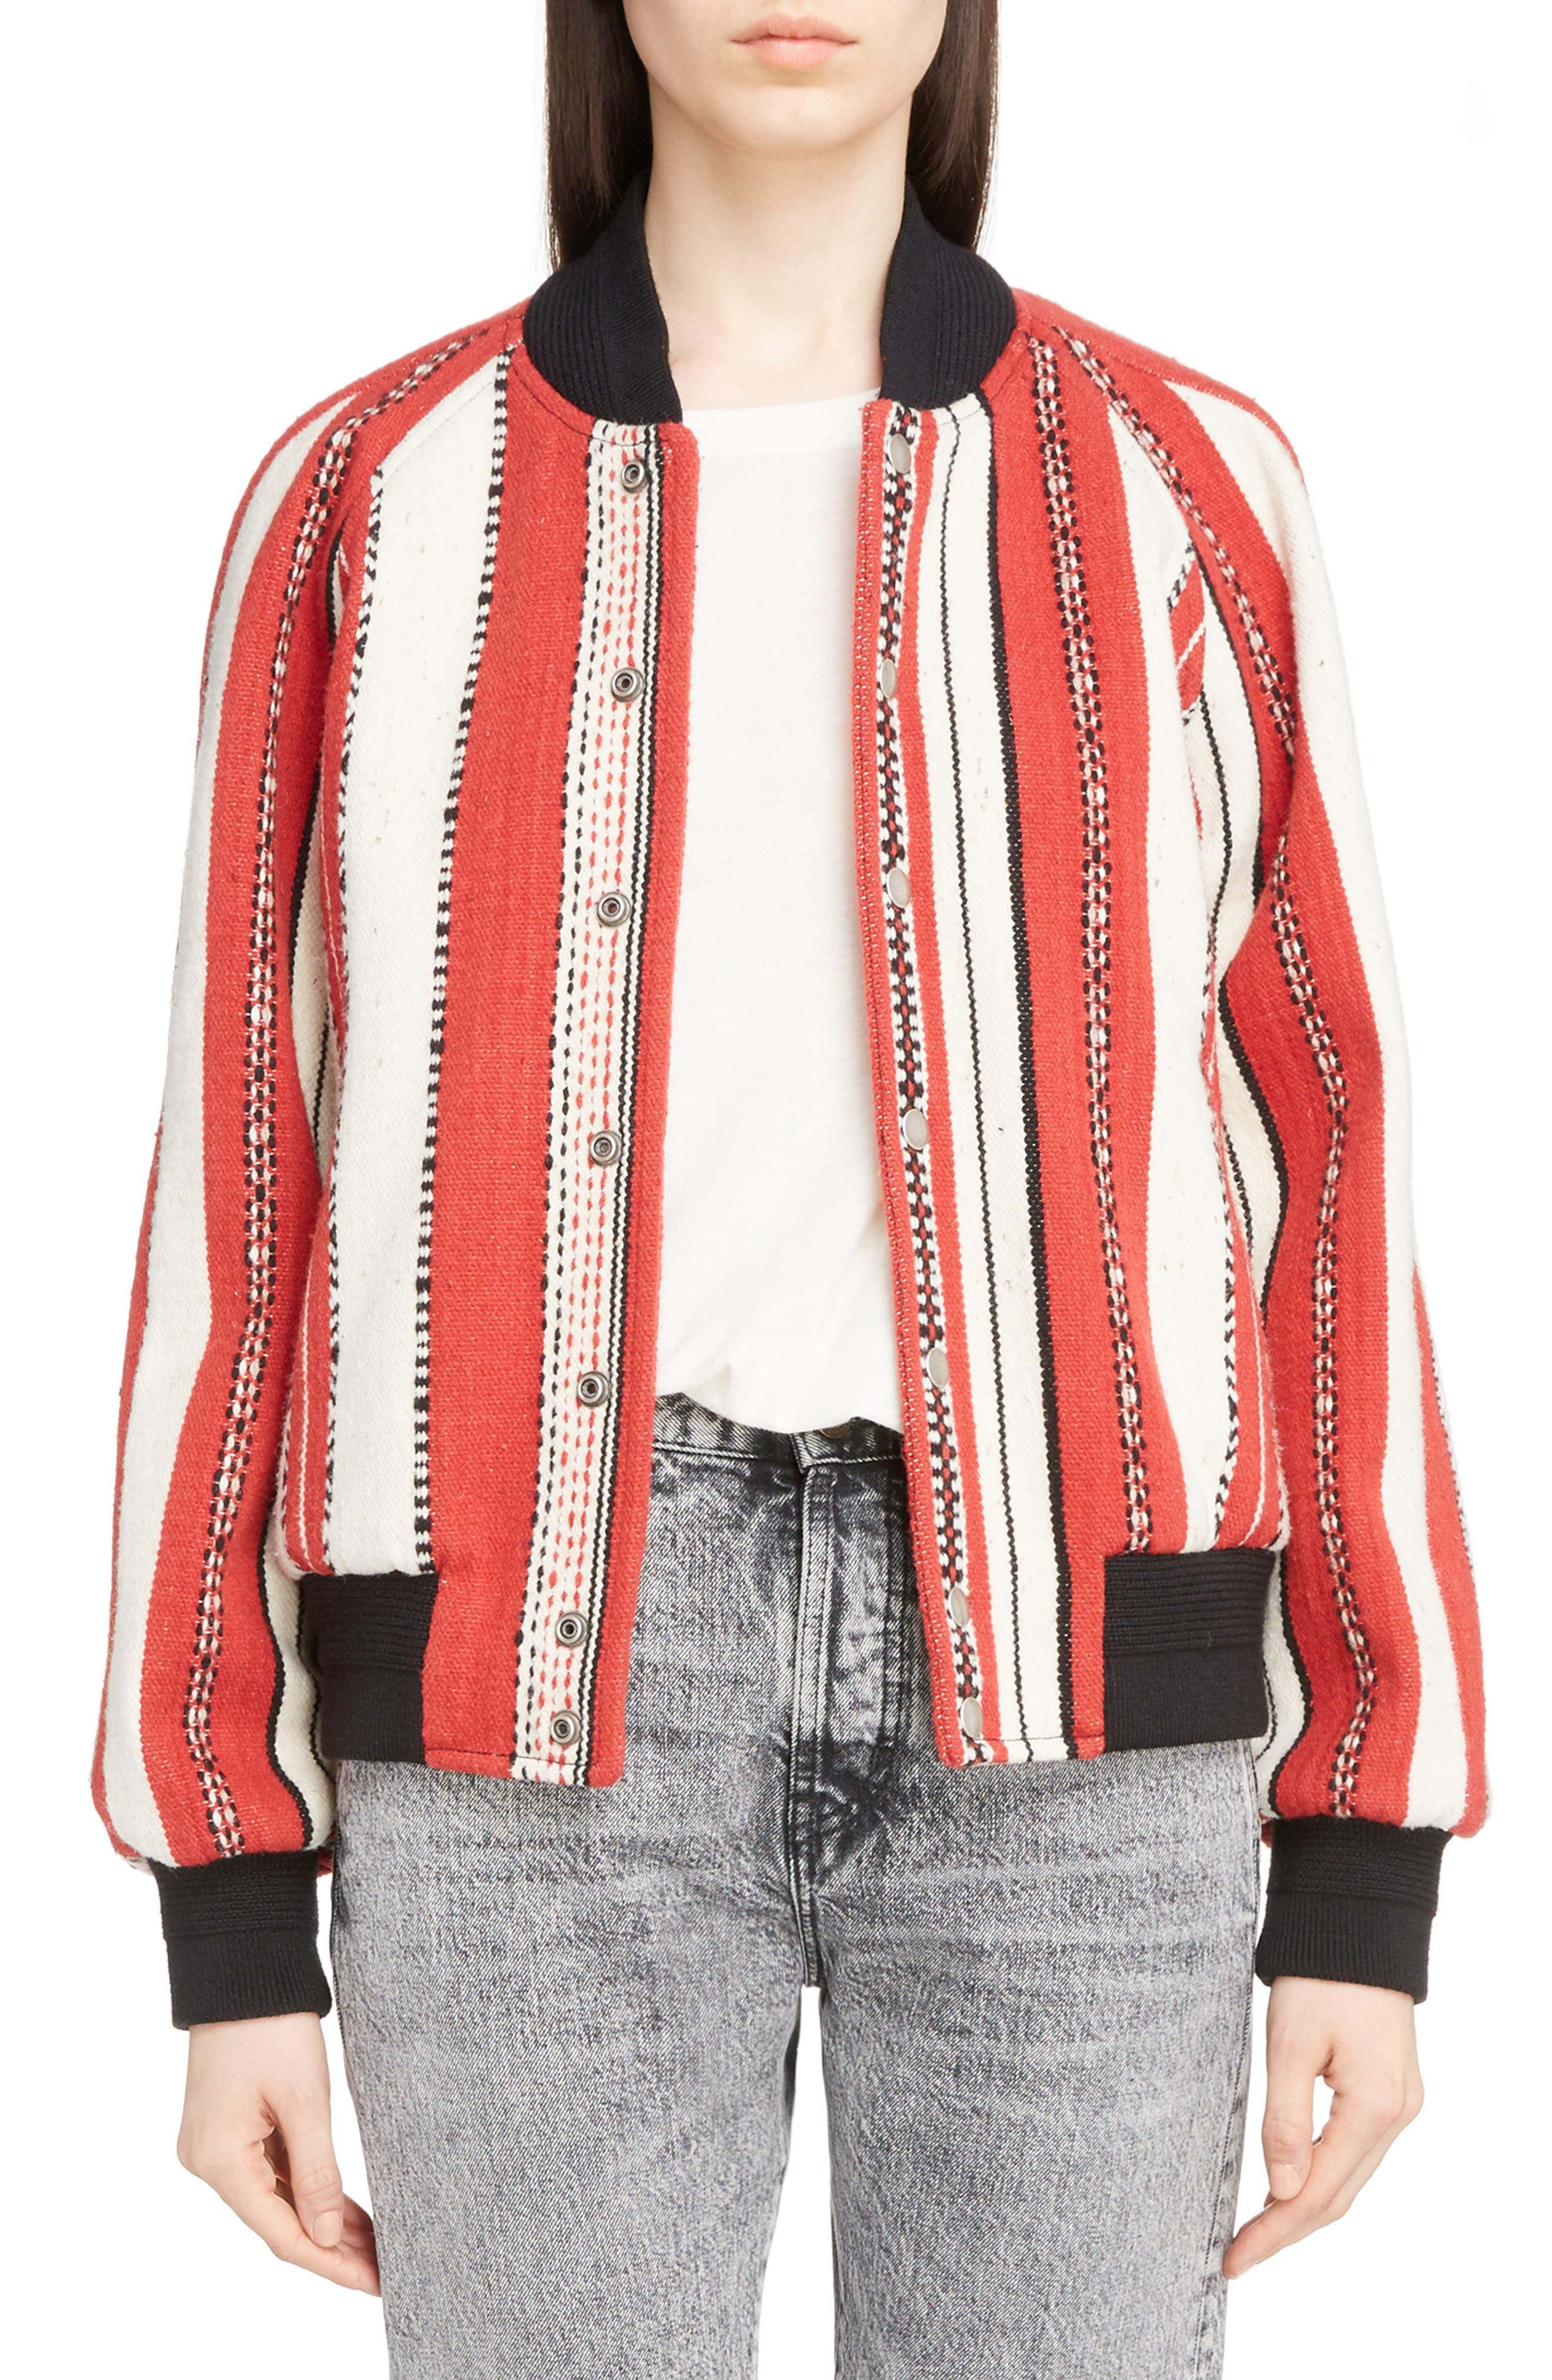 Tapestry Wool Blend Teddy Jacket,                             Main thumbnail 1, color,                             Rouge Craie Noir